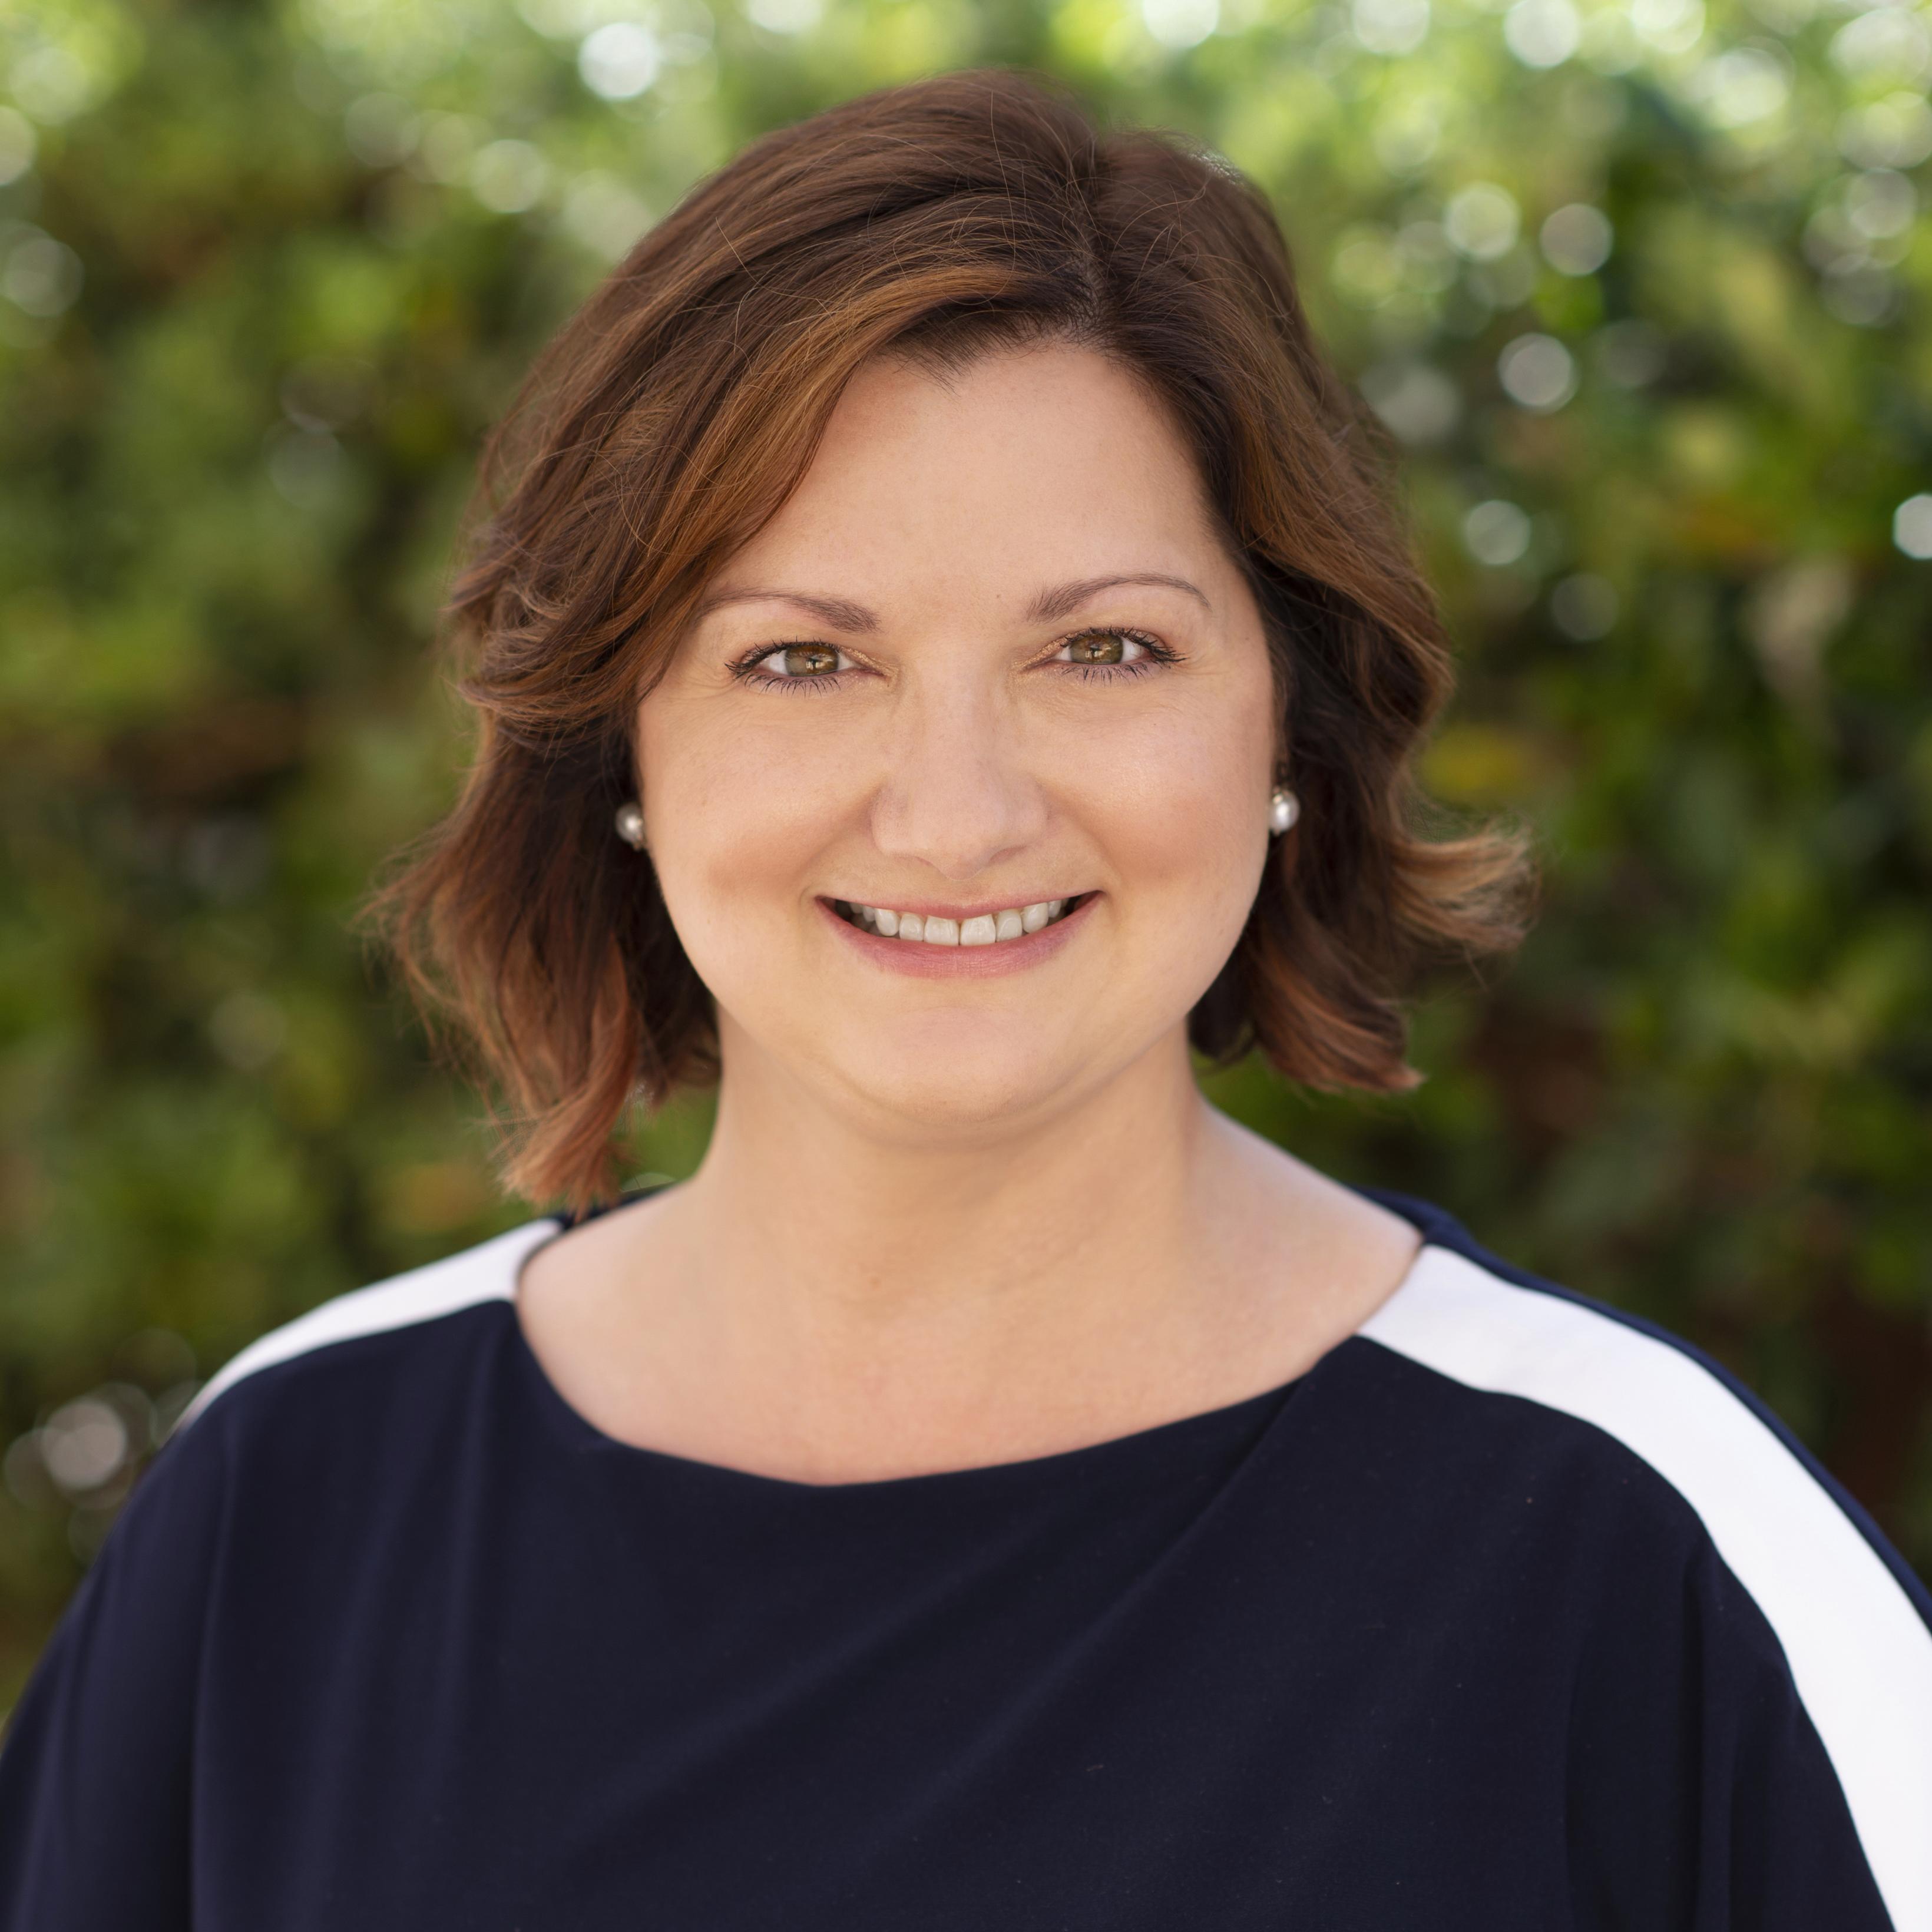 Carrie Kuehn